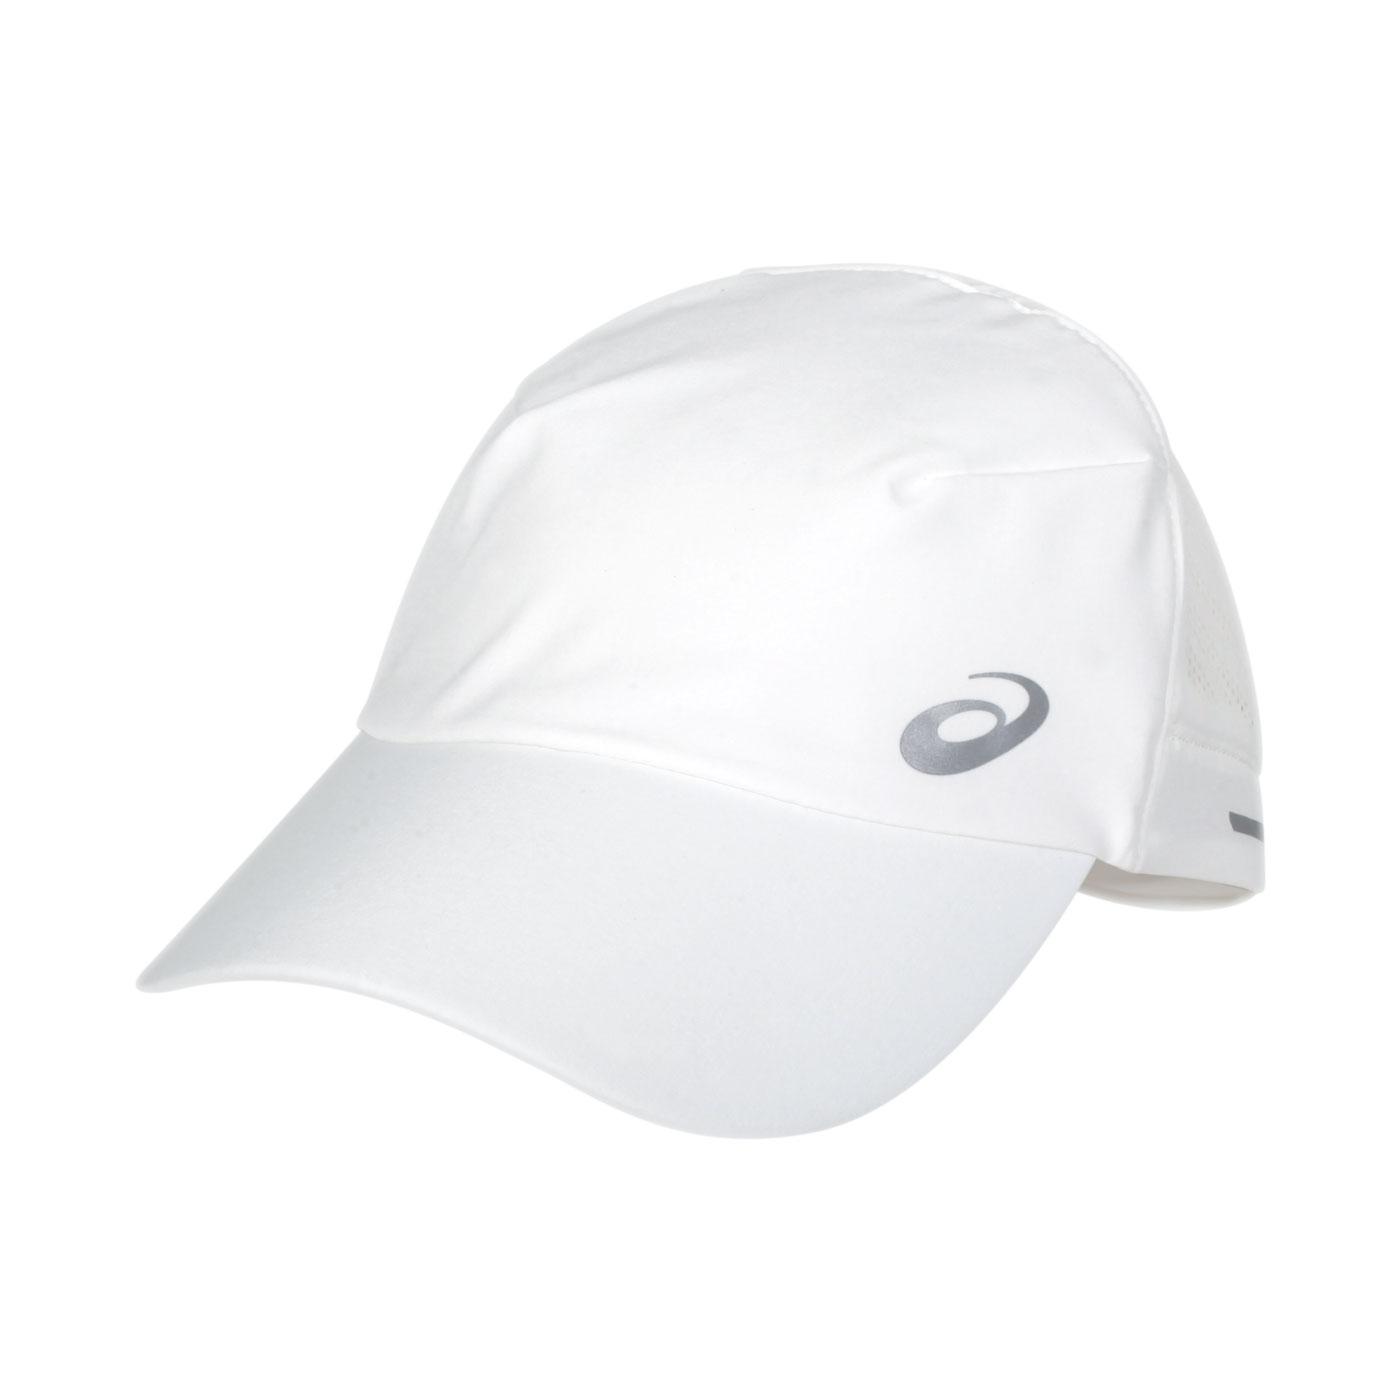 ASICS 跑步透氣帽 3013A457-101 - 白銀